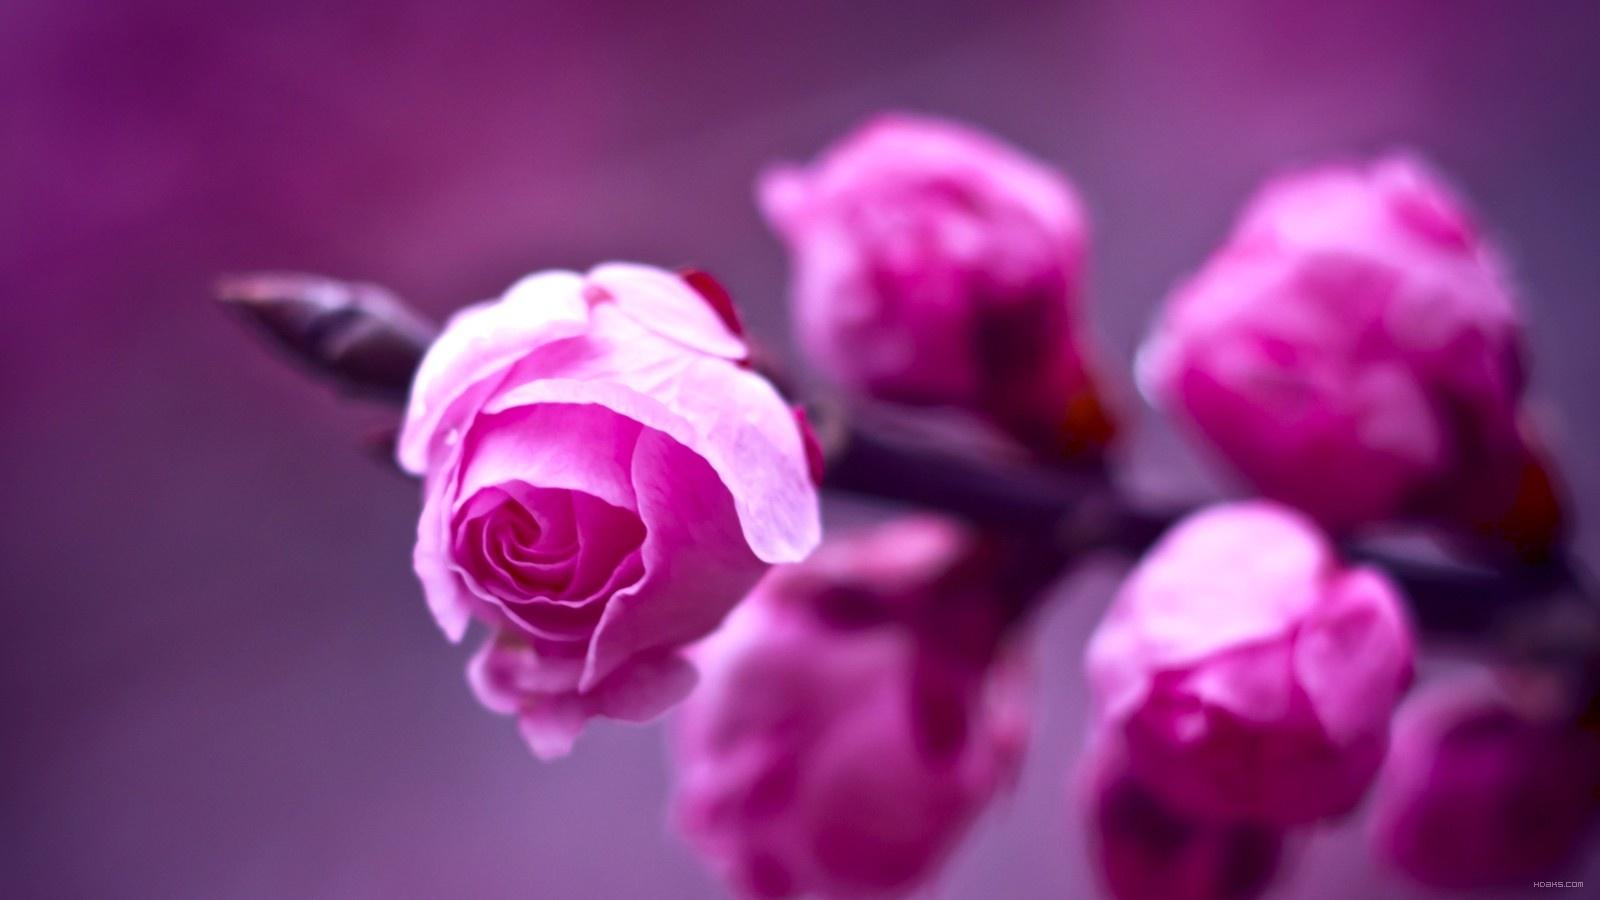 عکس+اچ+دی+گلها